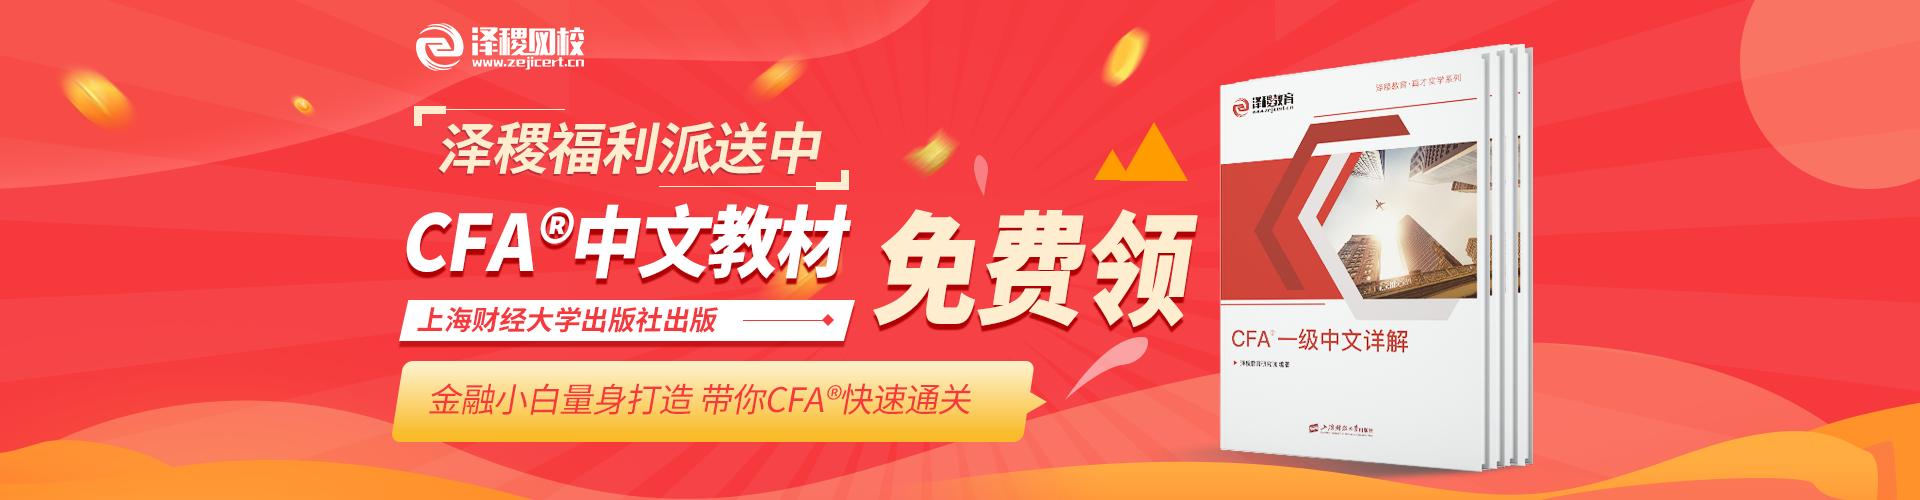 CFA®中文教材免费领